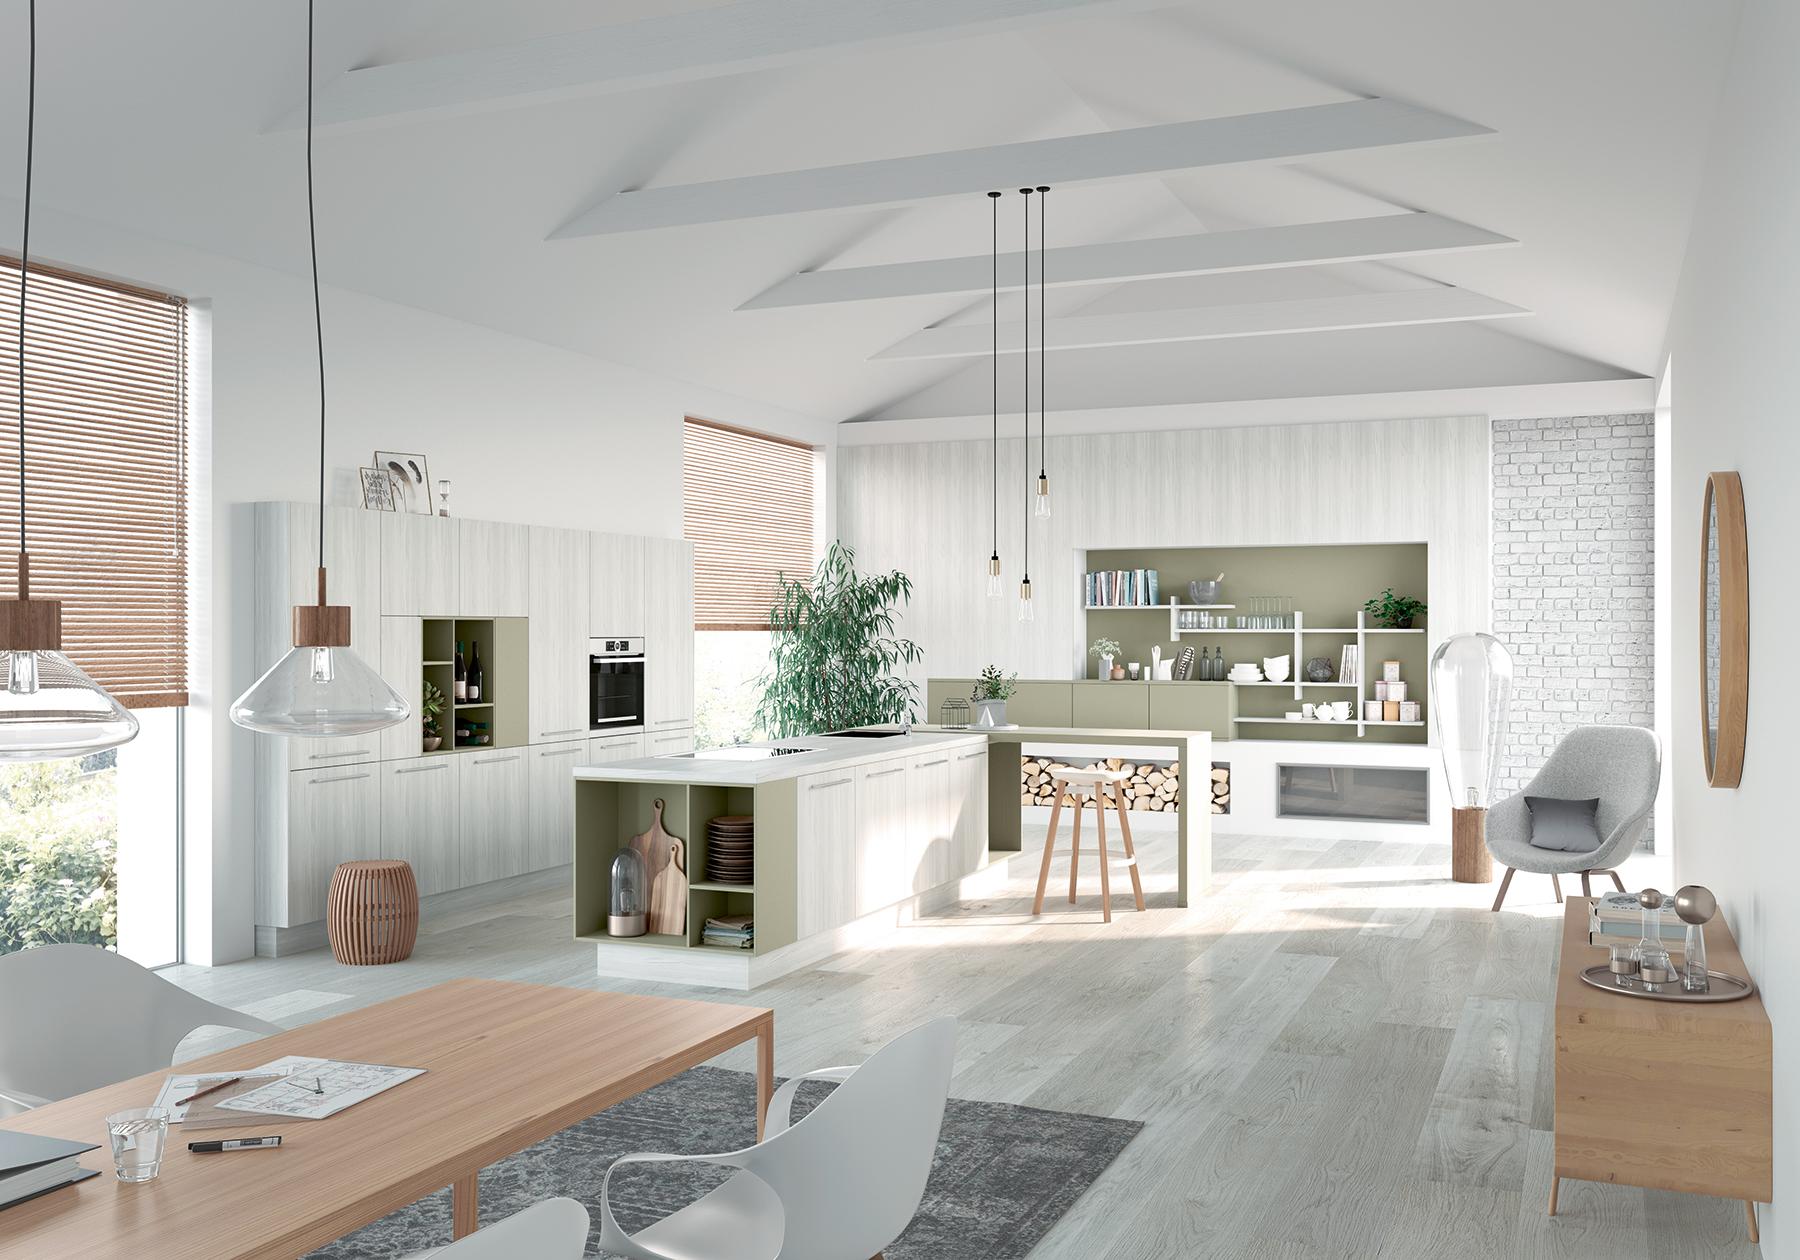 Full Size of Landhausküche Grün Grünes Sofa Weisse Gebraucht Weiß Moderne Grau Küche Mintgrün Regal Wohnzimmer Landhausküche Grün